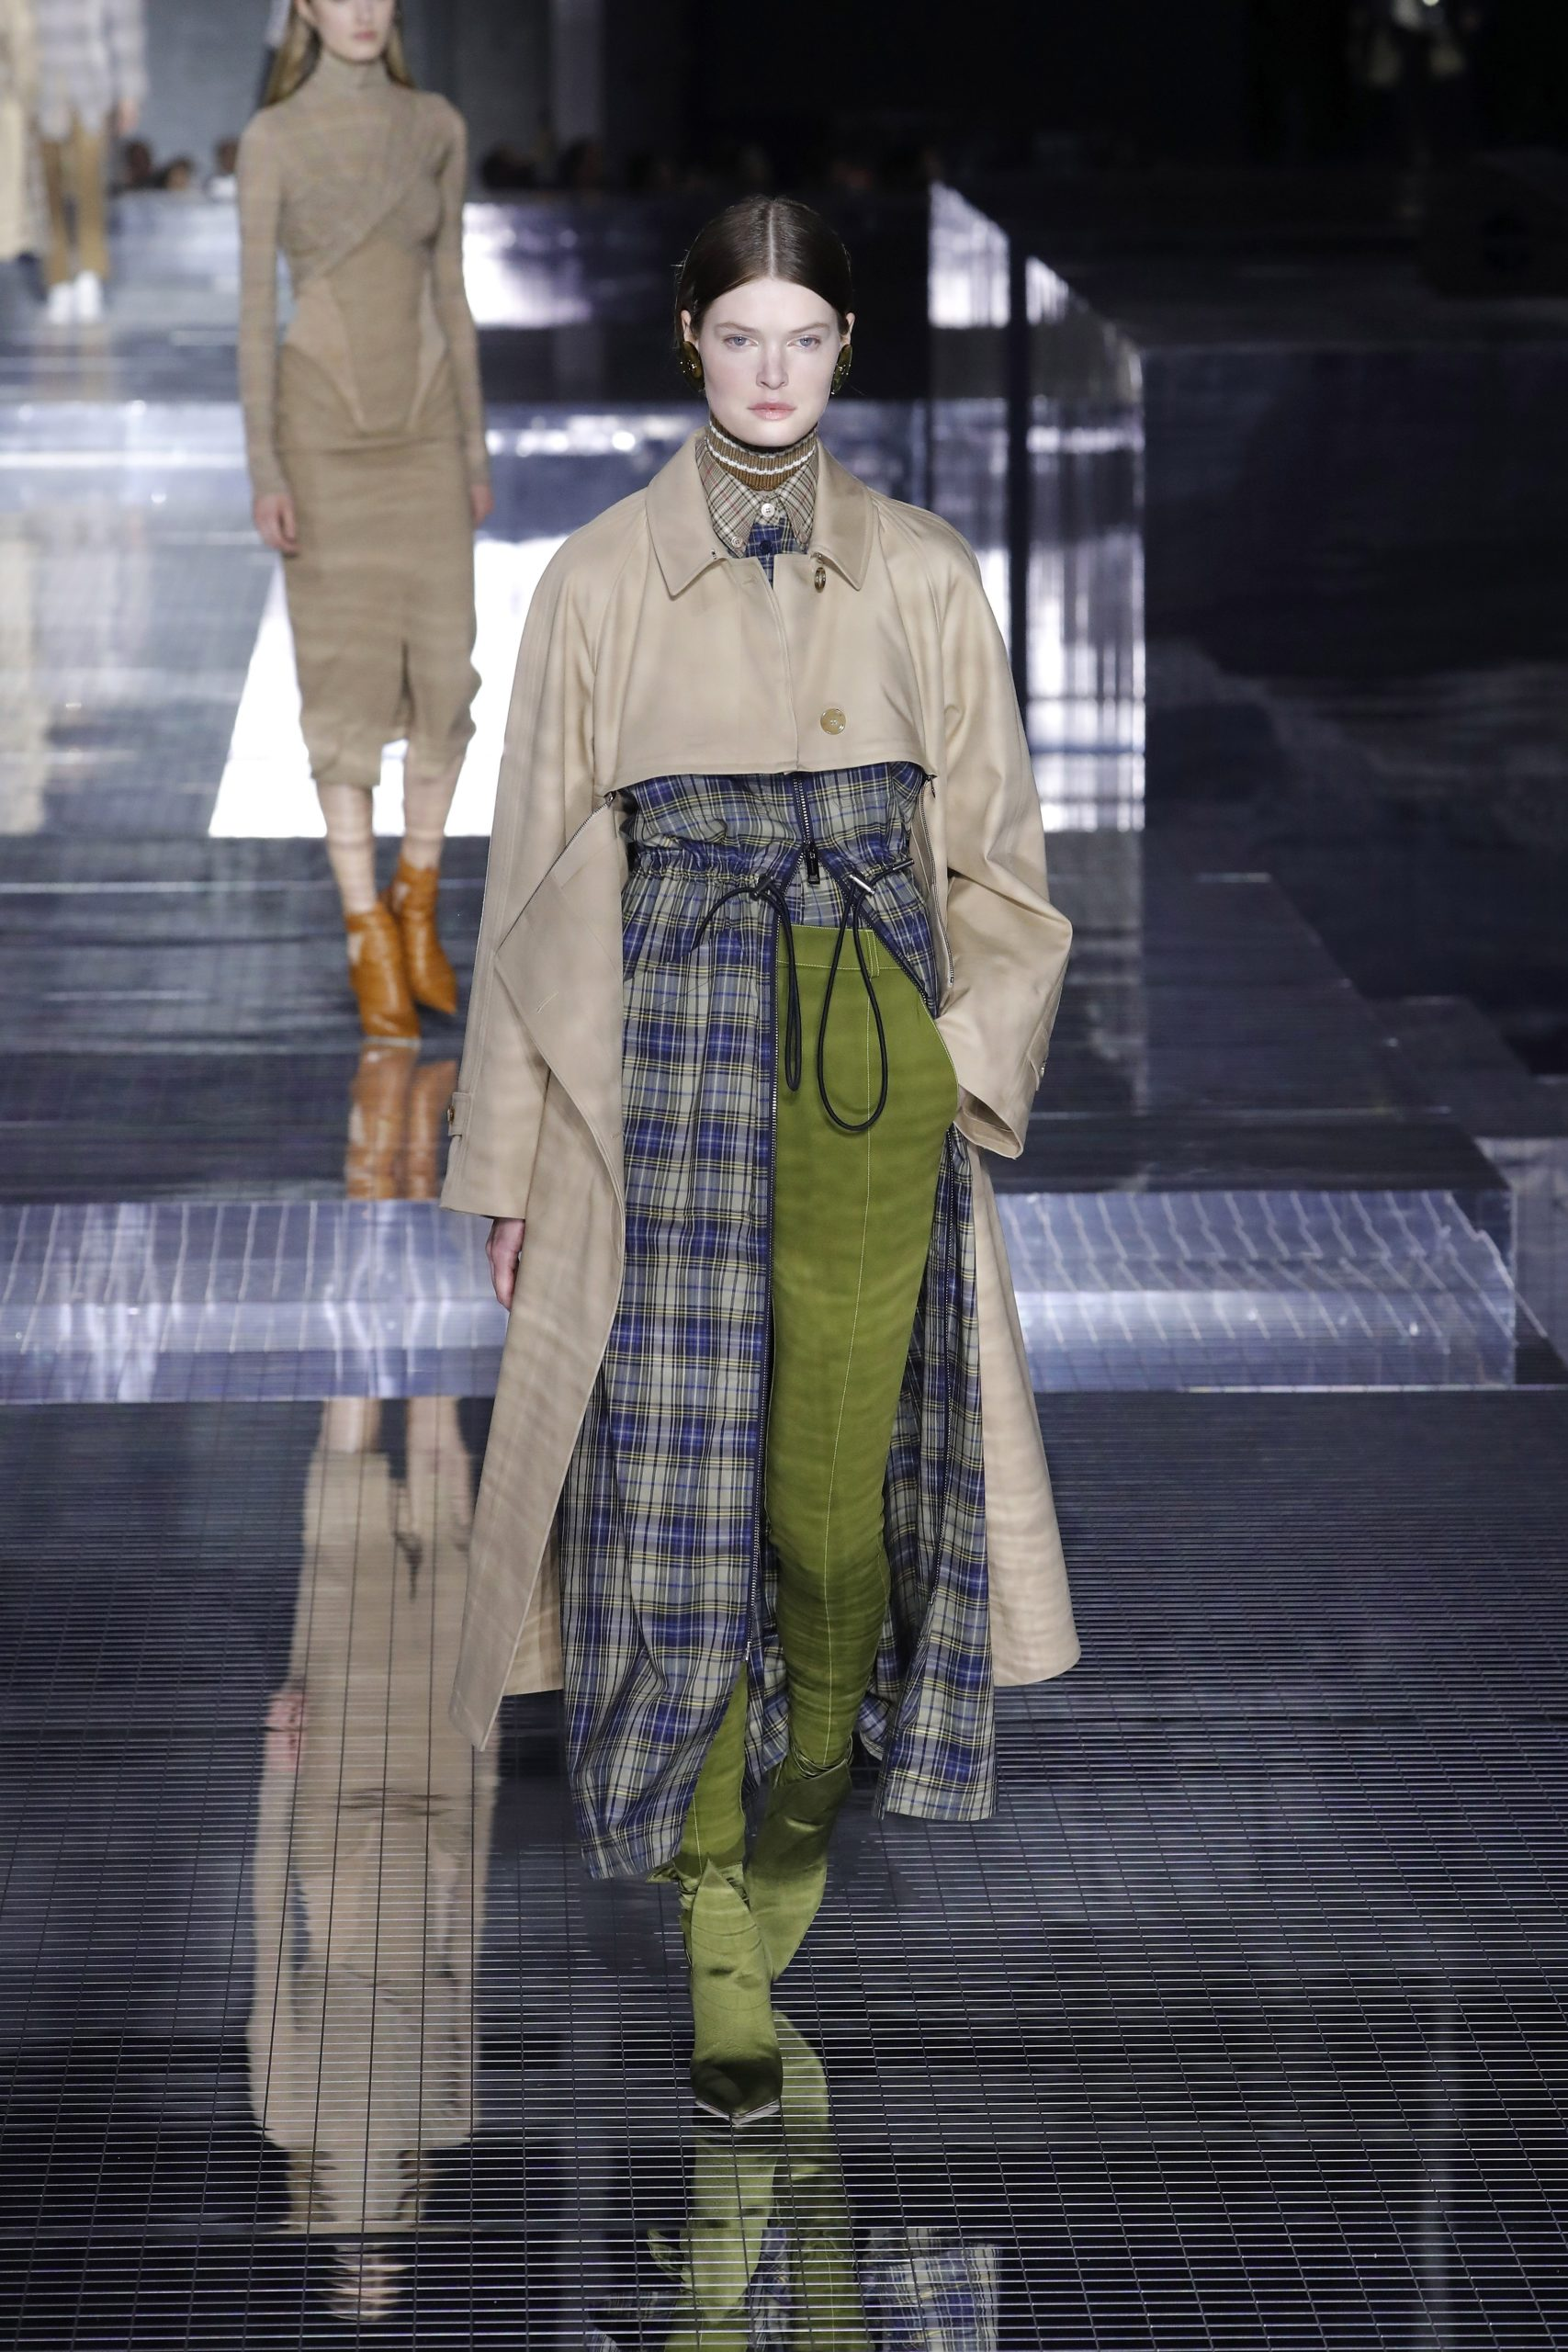 модный тренд плащ осень 2020 бежевый с вырезами с вставками